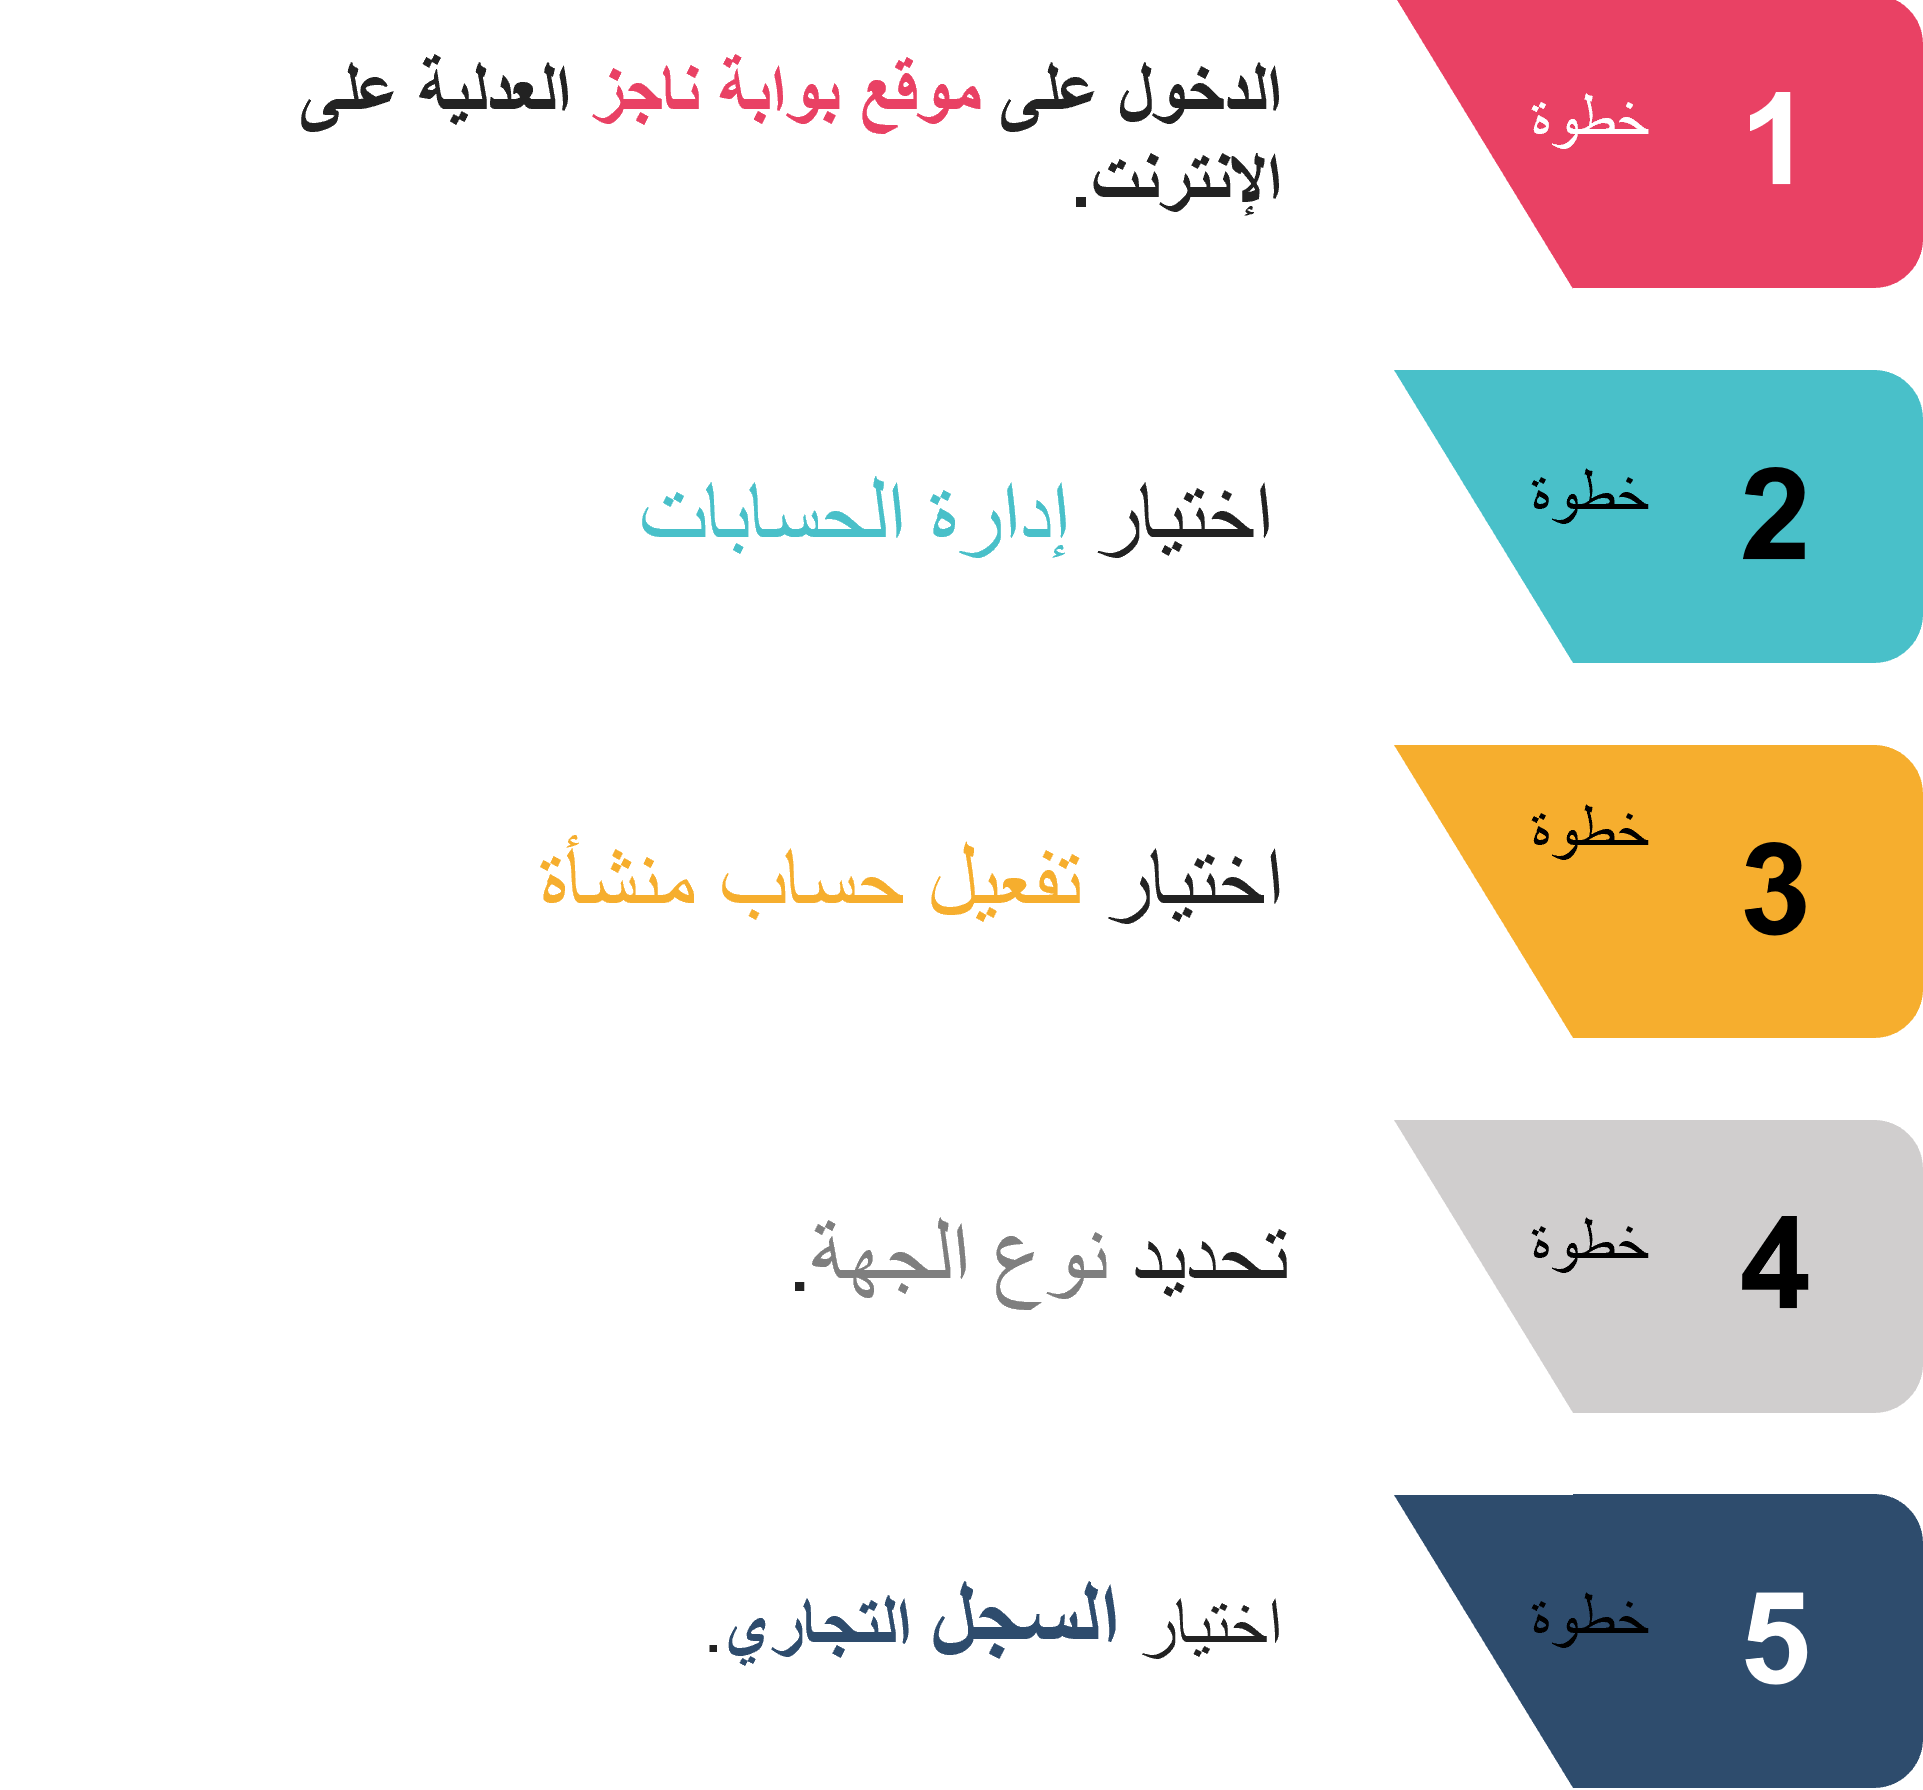 خطوات تسجيل حساب منشأة عبر بوابة ناجز